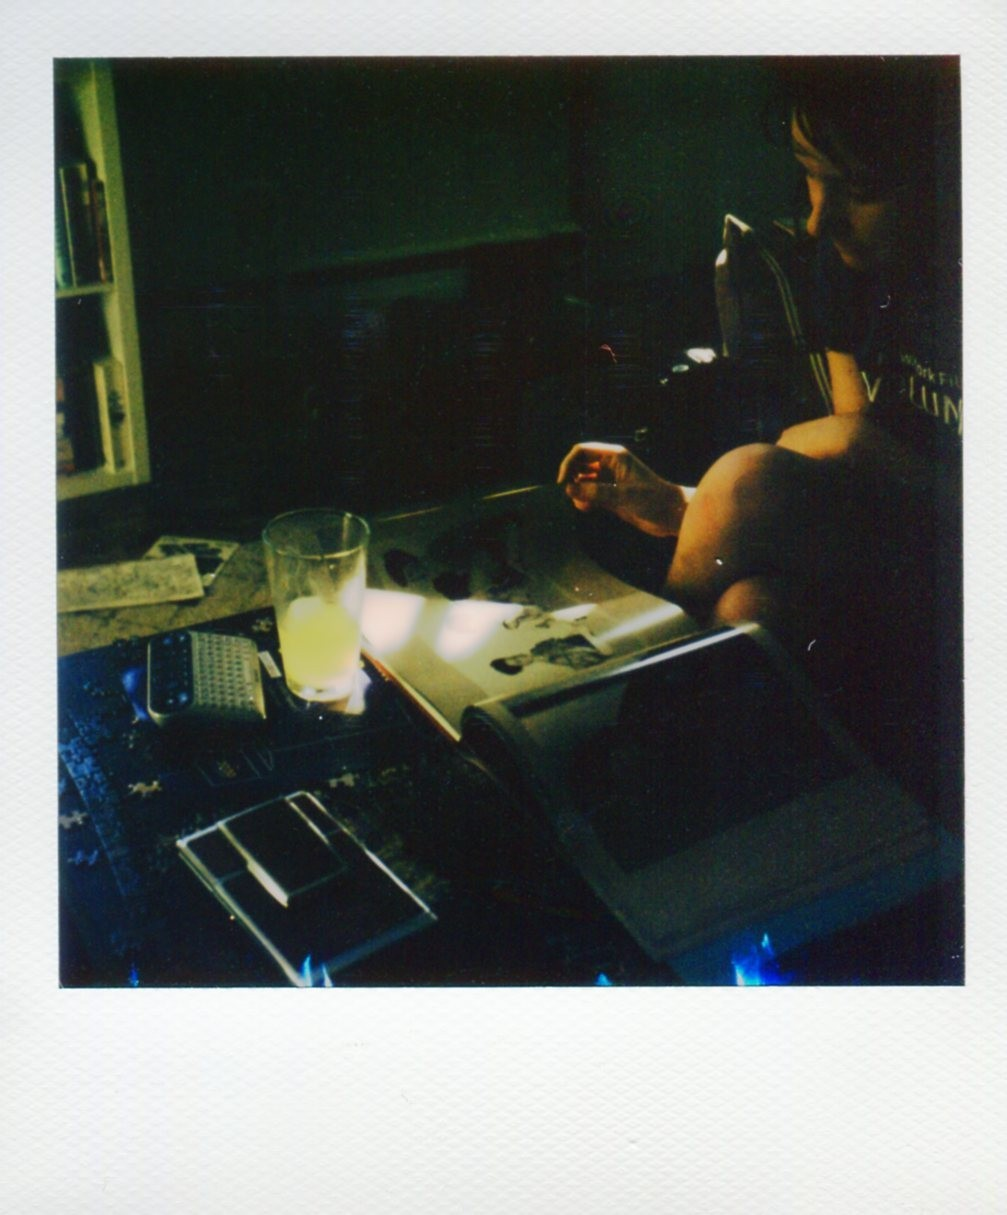 «Луч солнца и стакан сока». Фотограф DC_Polaroid